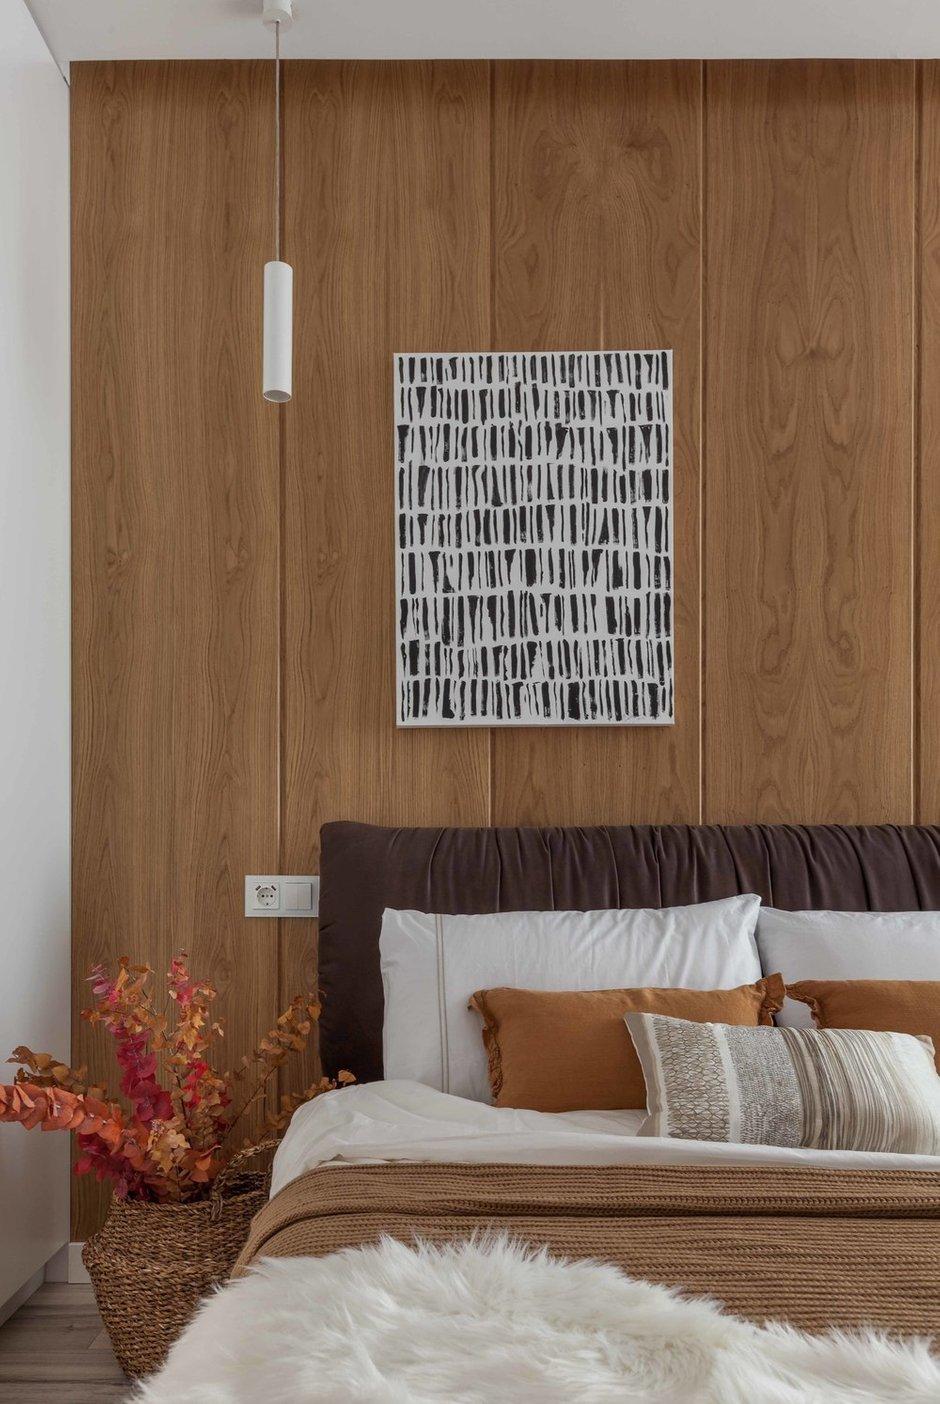 Фотография: Спальня в стиле Современный, Квартира, Проект недели, Минск, 3 комнаты, 60-90 метров, Вероника Зазнова – фото на INMYROOM